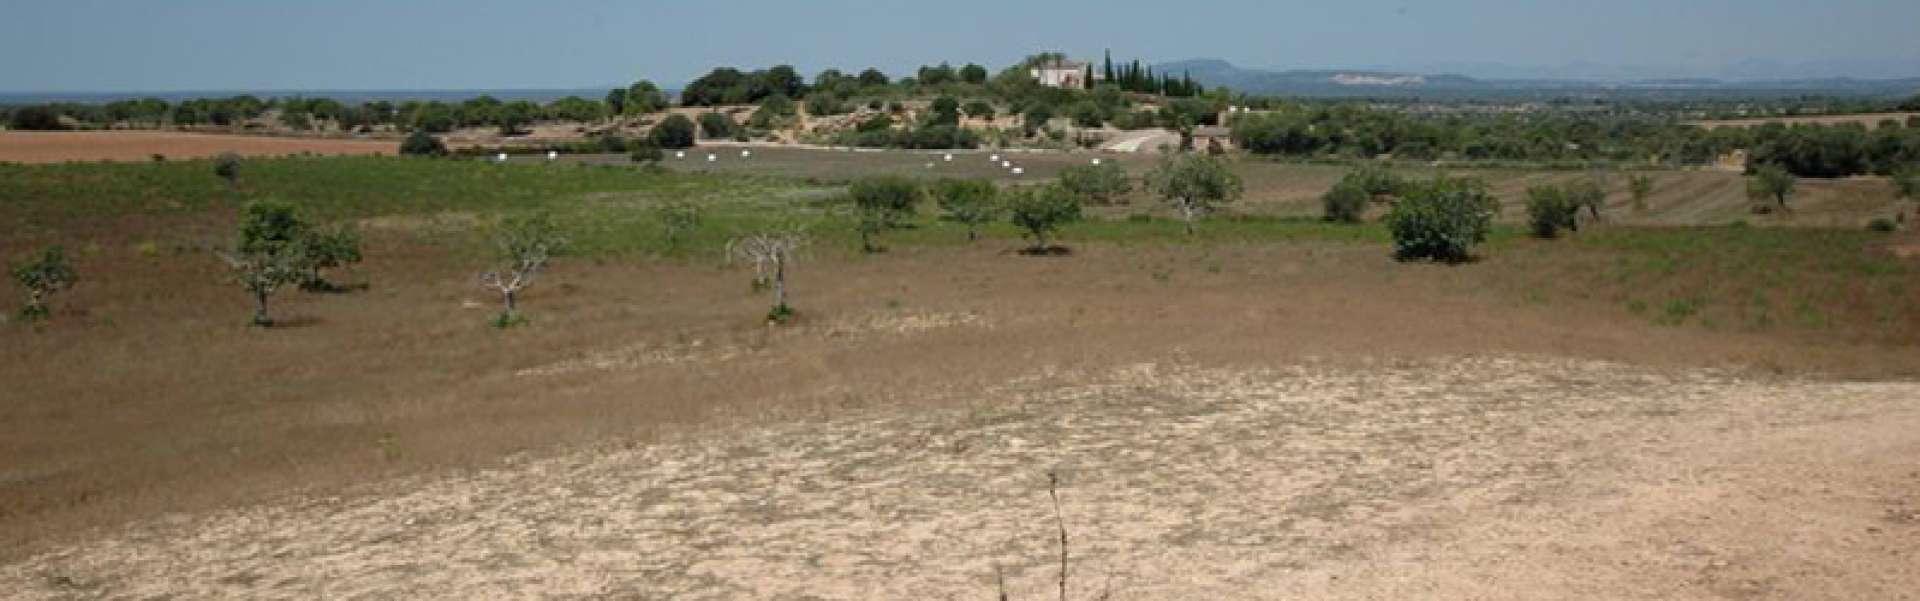 Impresionante proyecto entre Cas Concos y Santanyi